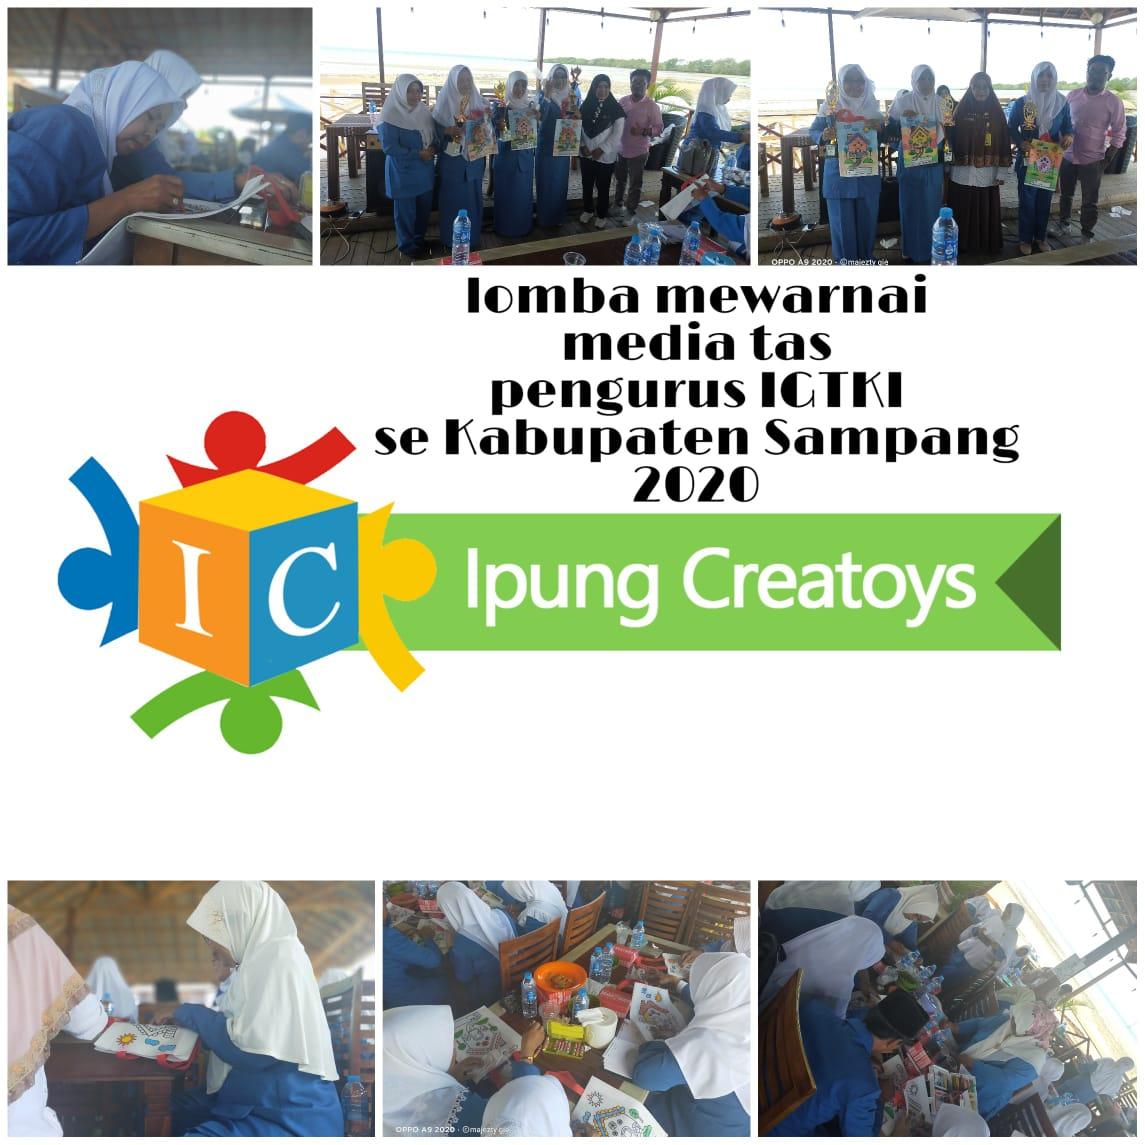 Membentuk karakter dan bakat anak lewat mewarnai oleh IGTKI-PGRI Prov. Jawa Timur